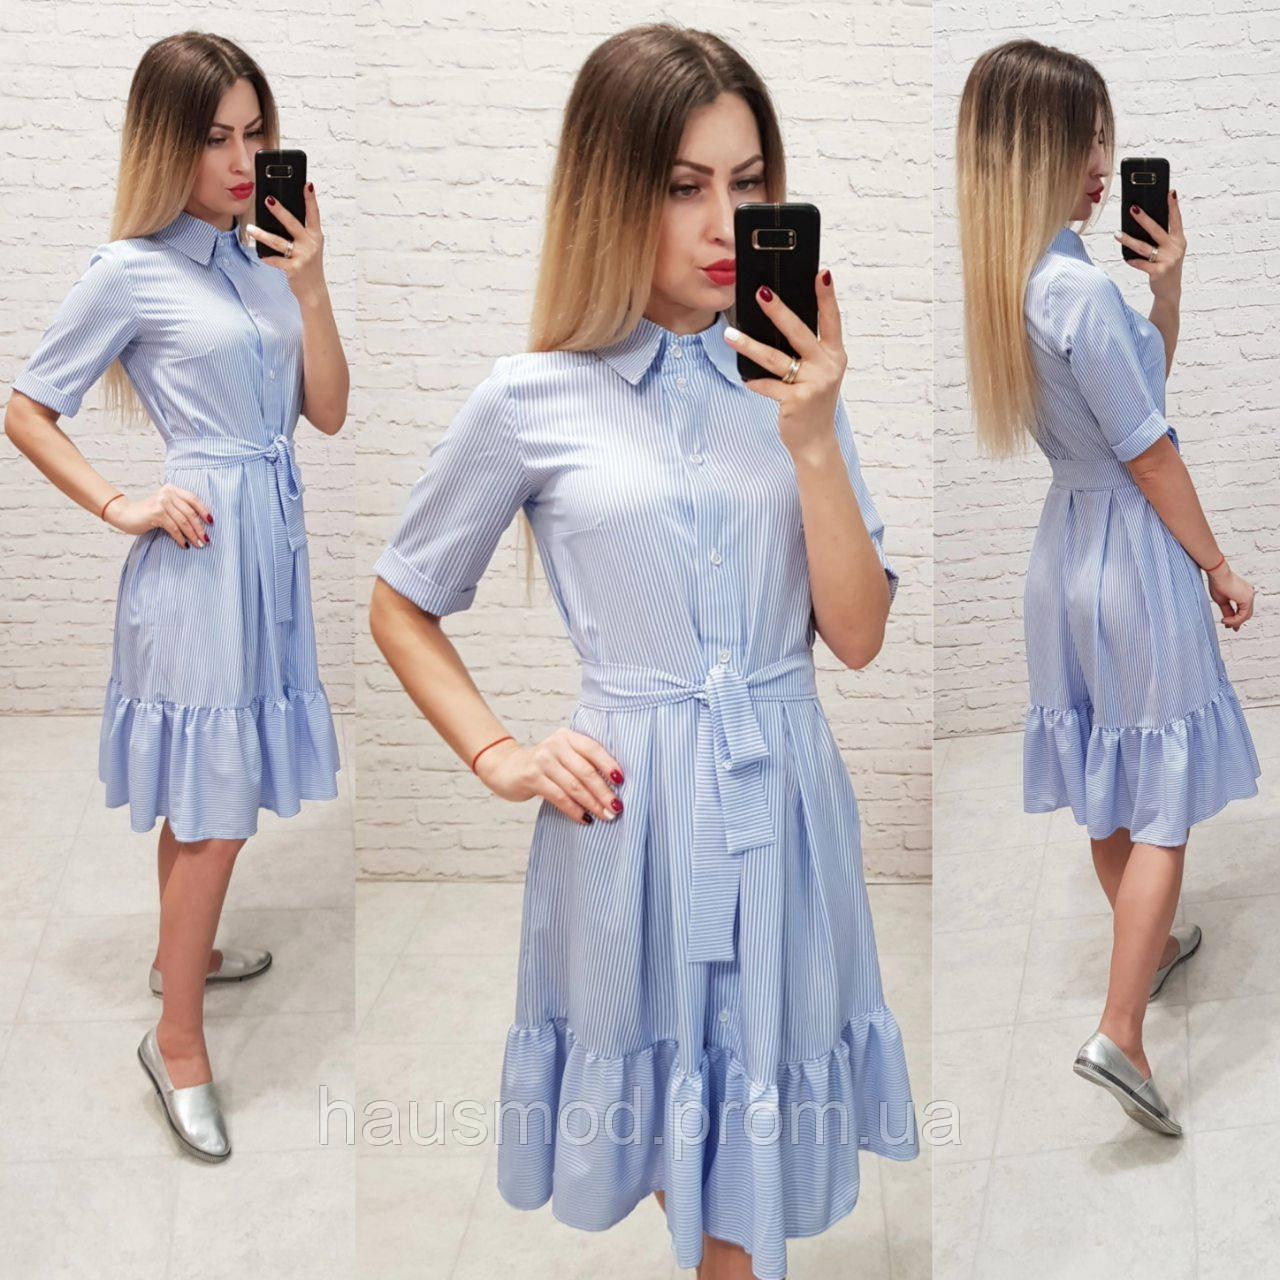 Платье с карманами ткань полоска софт пуговицы все рабочие пояс не пришит цвет голубой